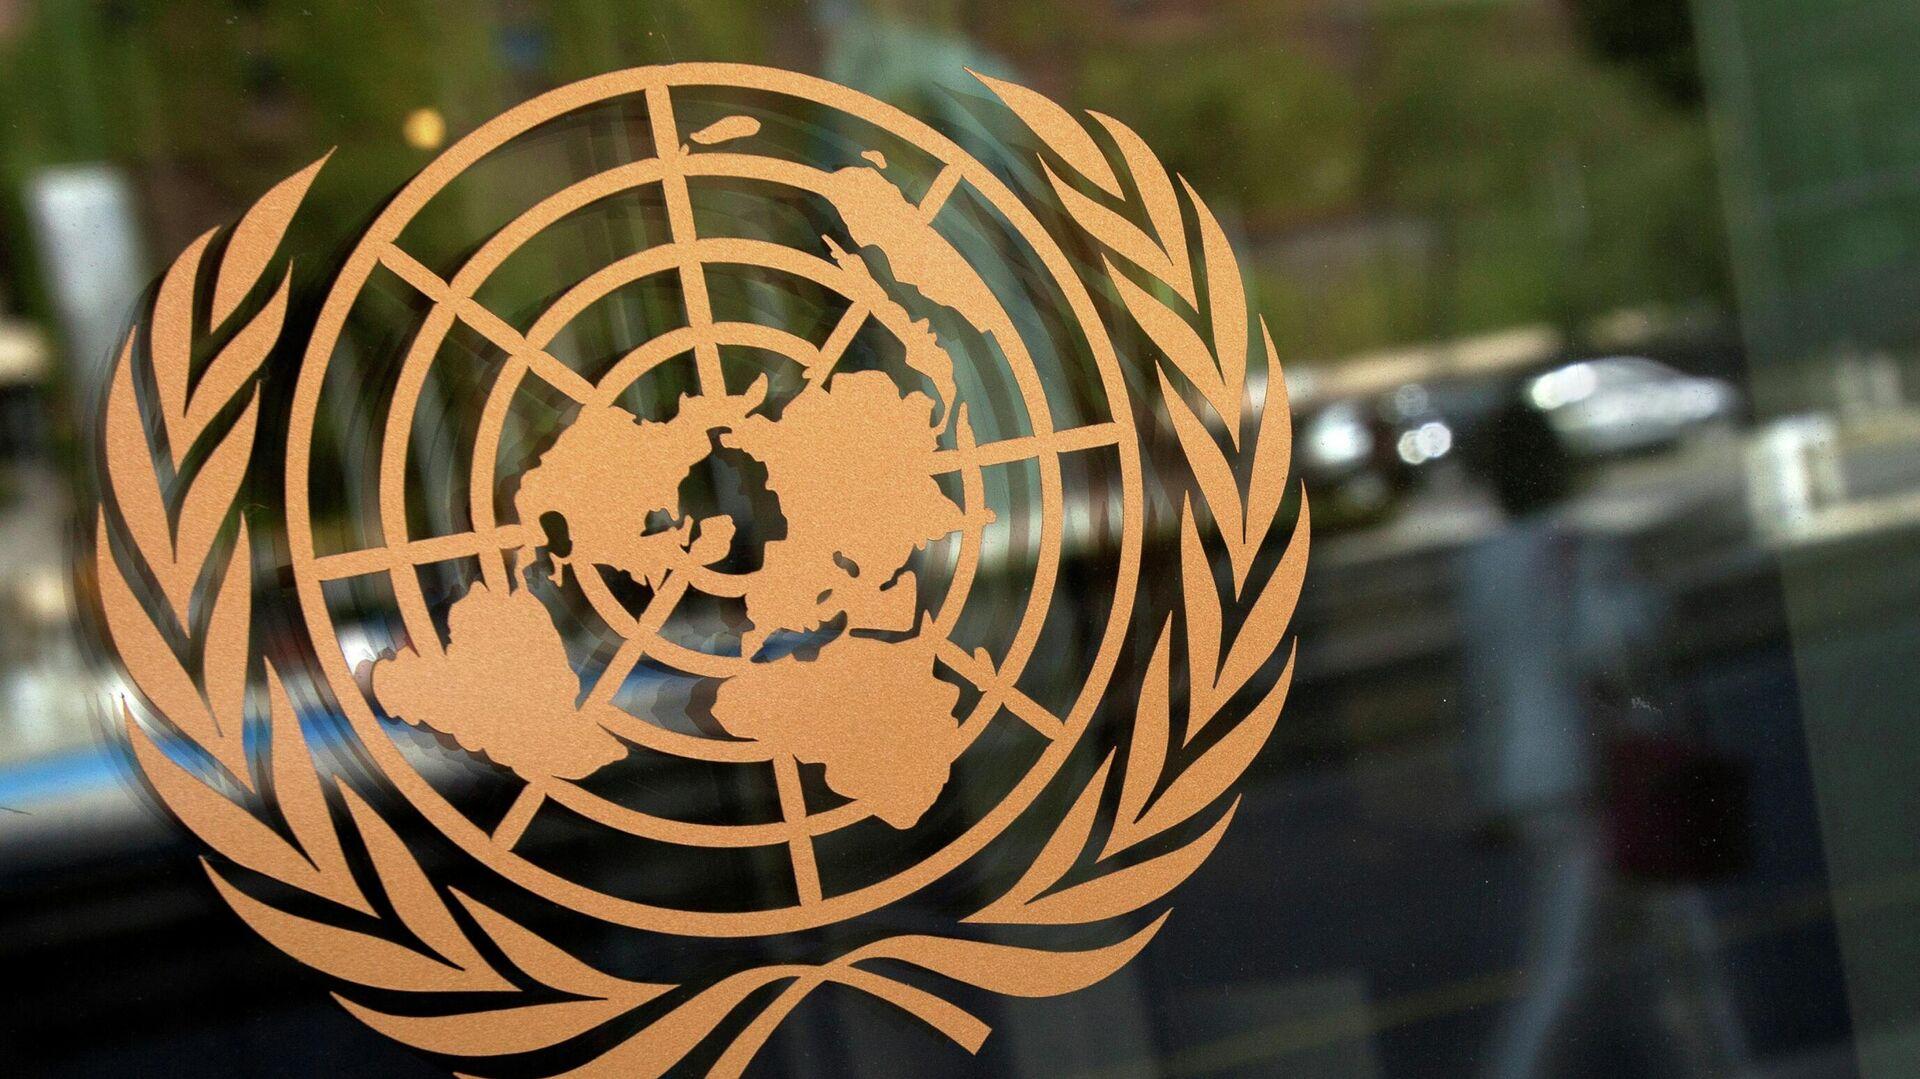 El logo de la ONU - Sputnik Mundo, 1920, 01.10.2021